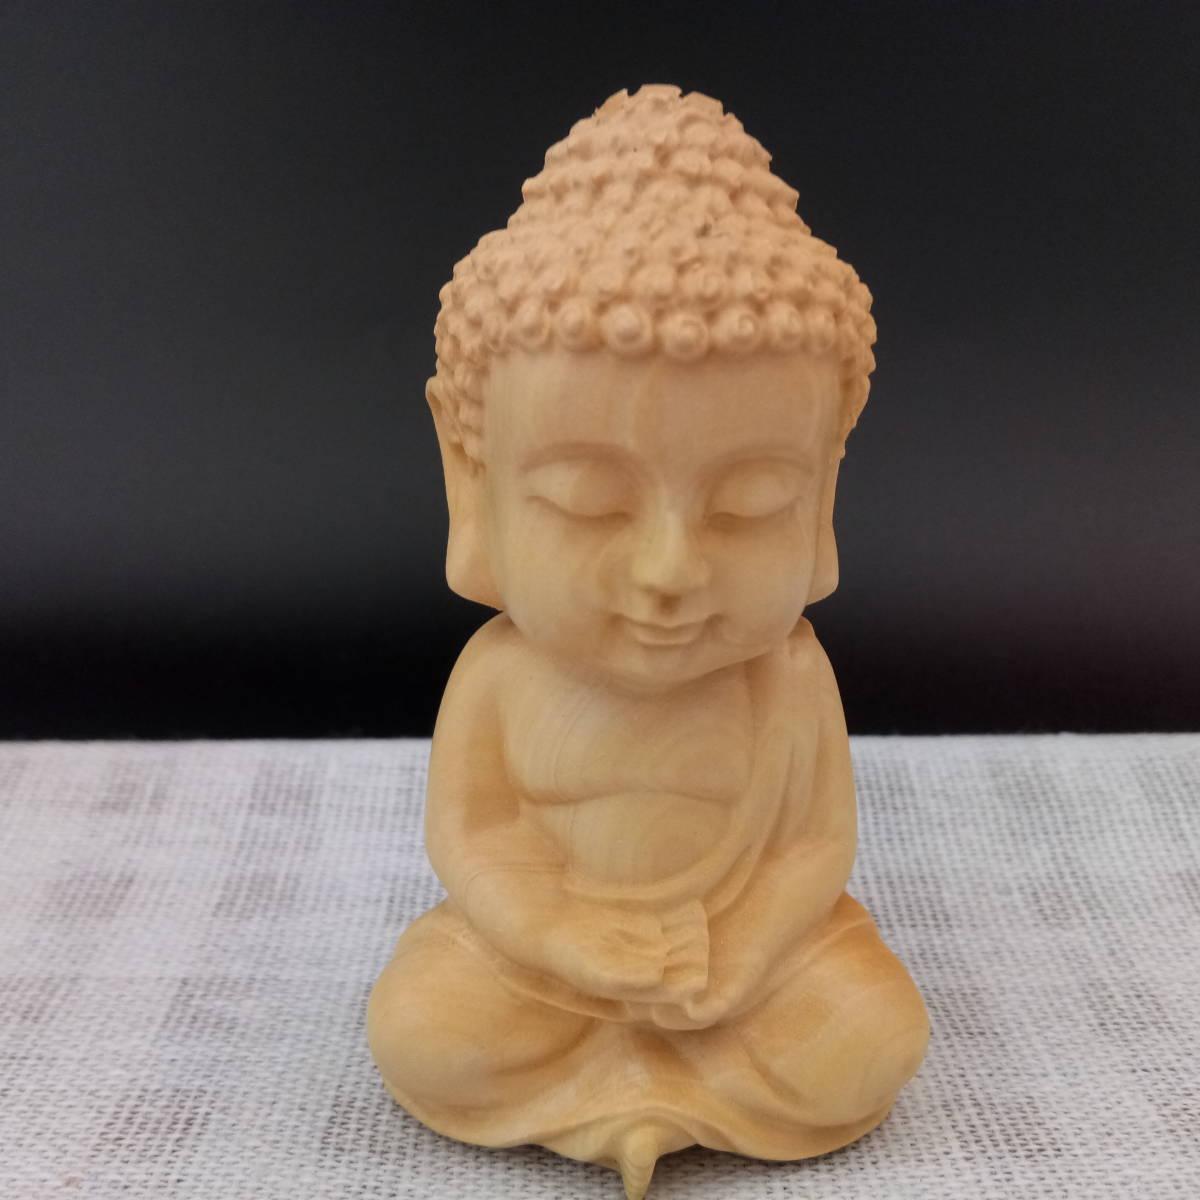 柘植材 天然木彫り 仏像 釈迦如来 「 手のひらに乗る 小さな お釈迦様 」の1番目の画像